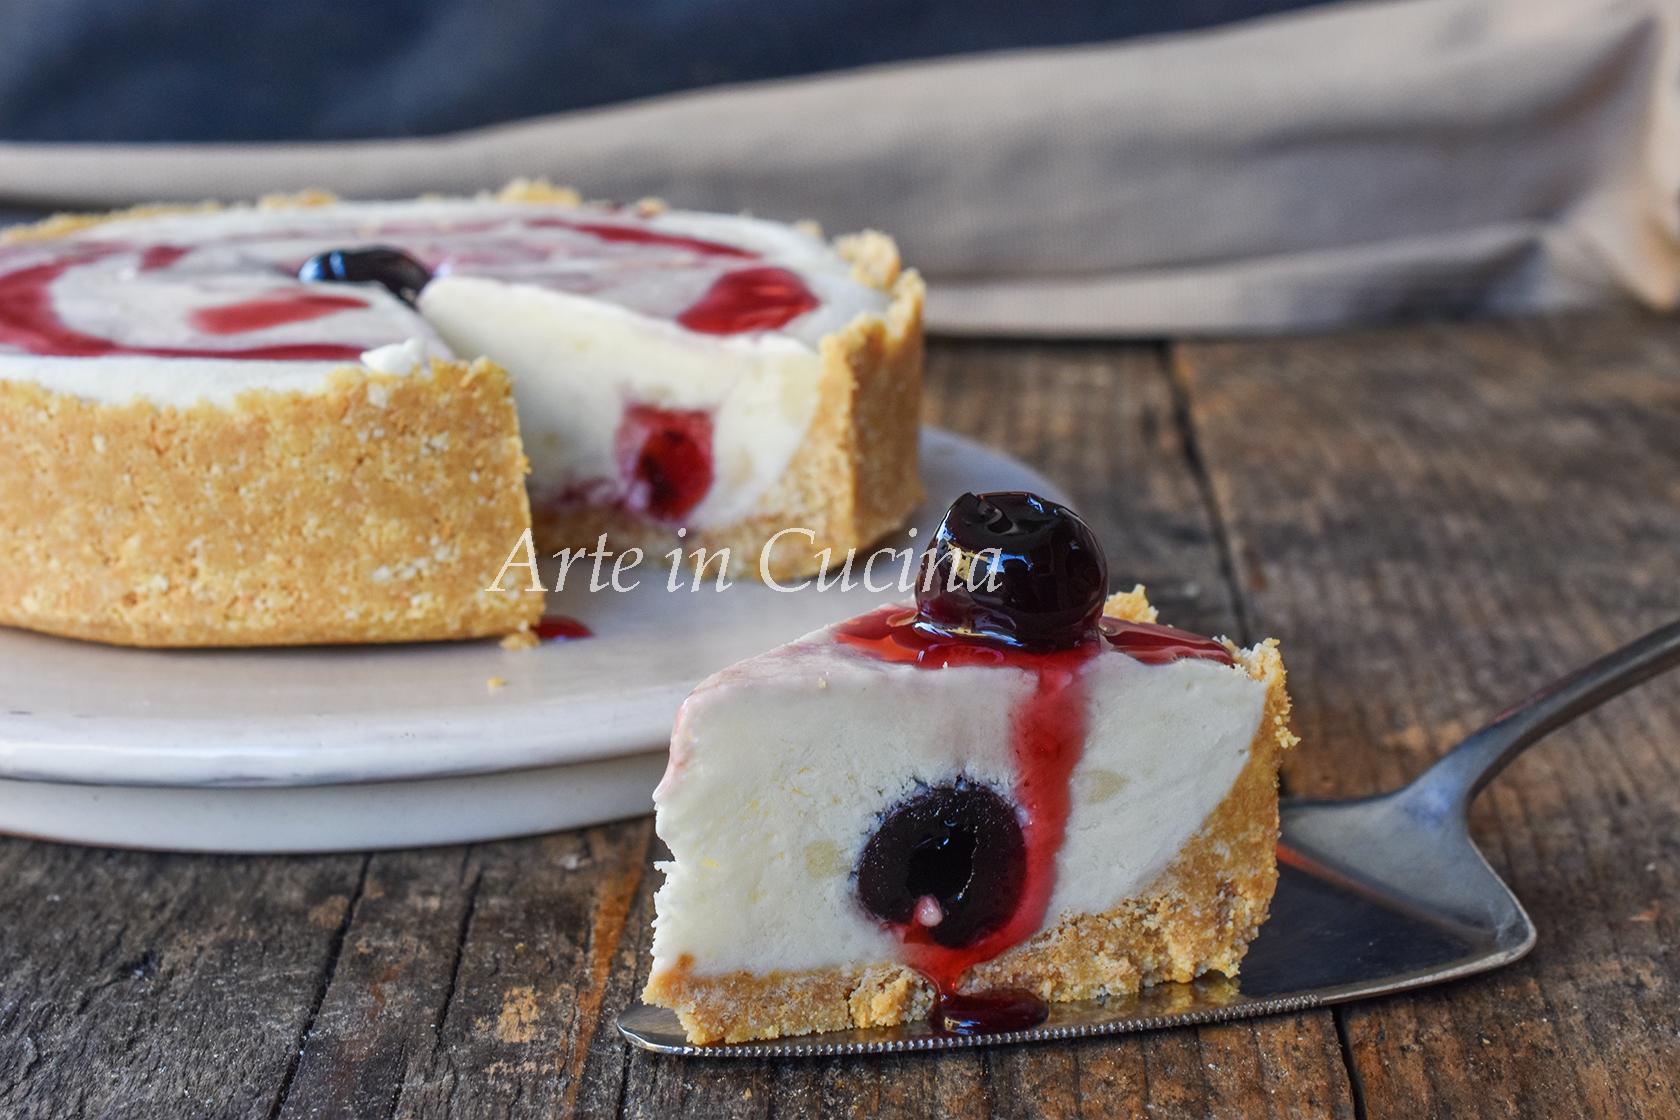 Cheesecake pasticciotto crema e amarene dolce freddo